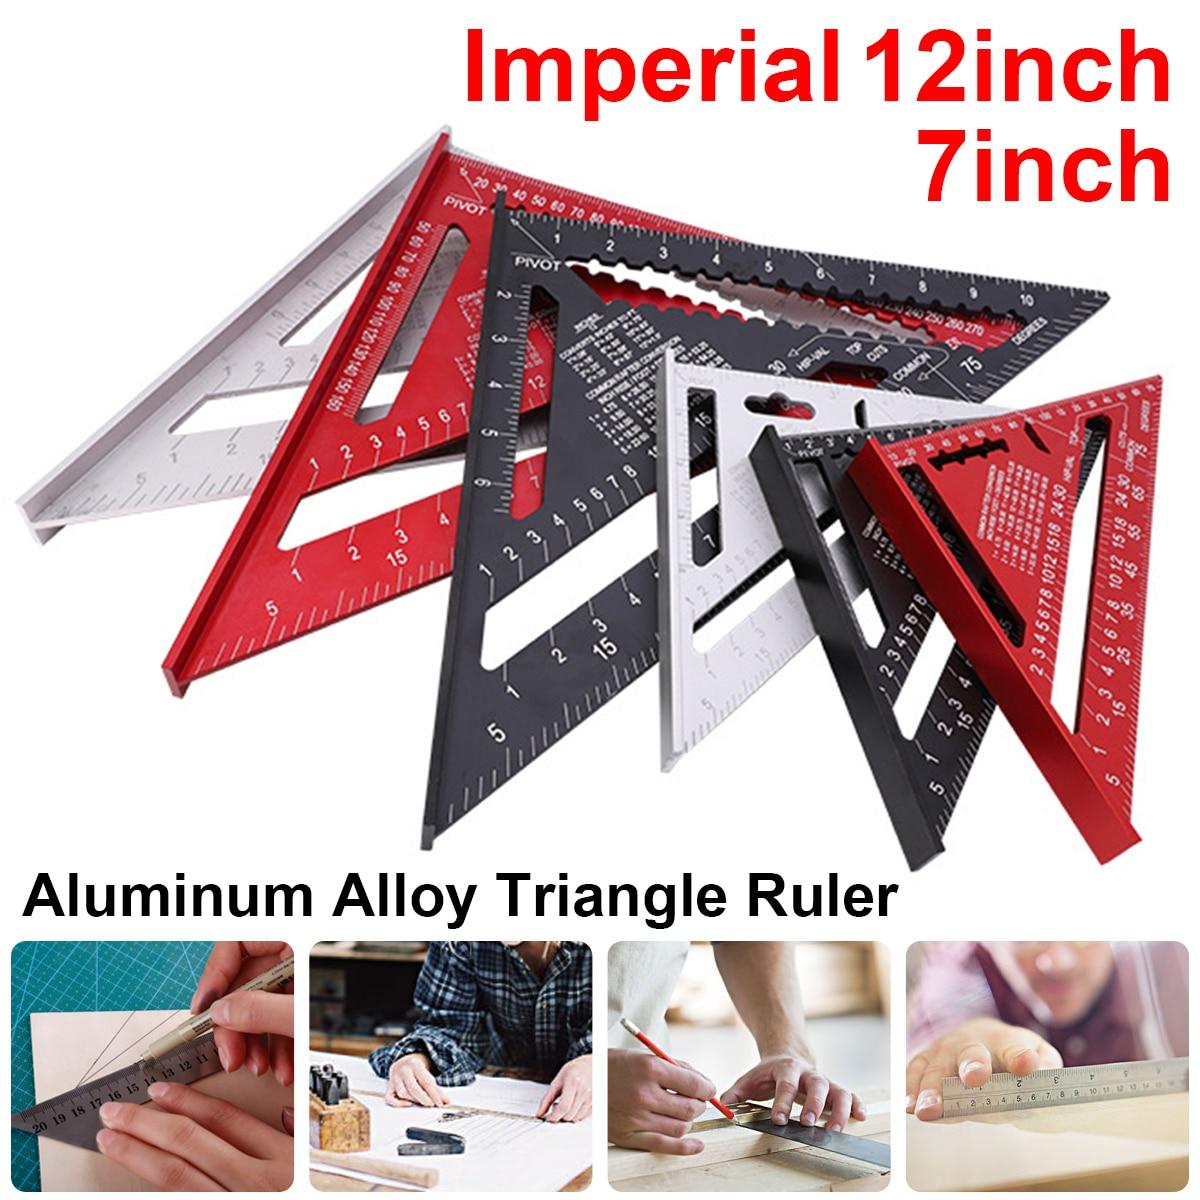 12 polegada imperial liga de alumínio triângulo ângulo régua transferidor carpintaria ferramenta medição praça layout calibres|Medidores|   -